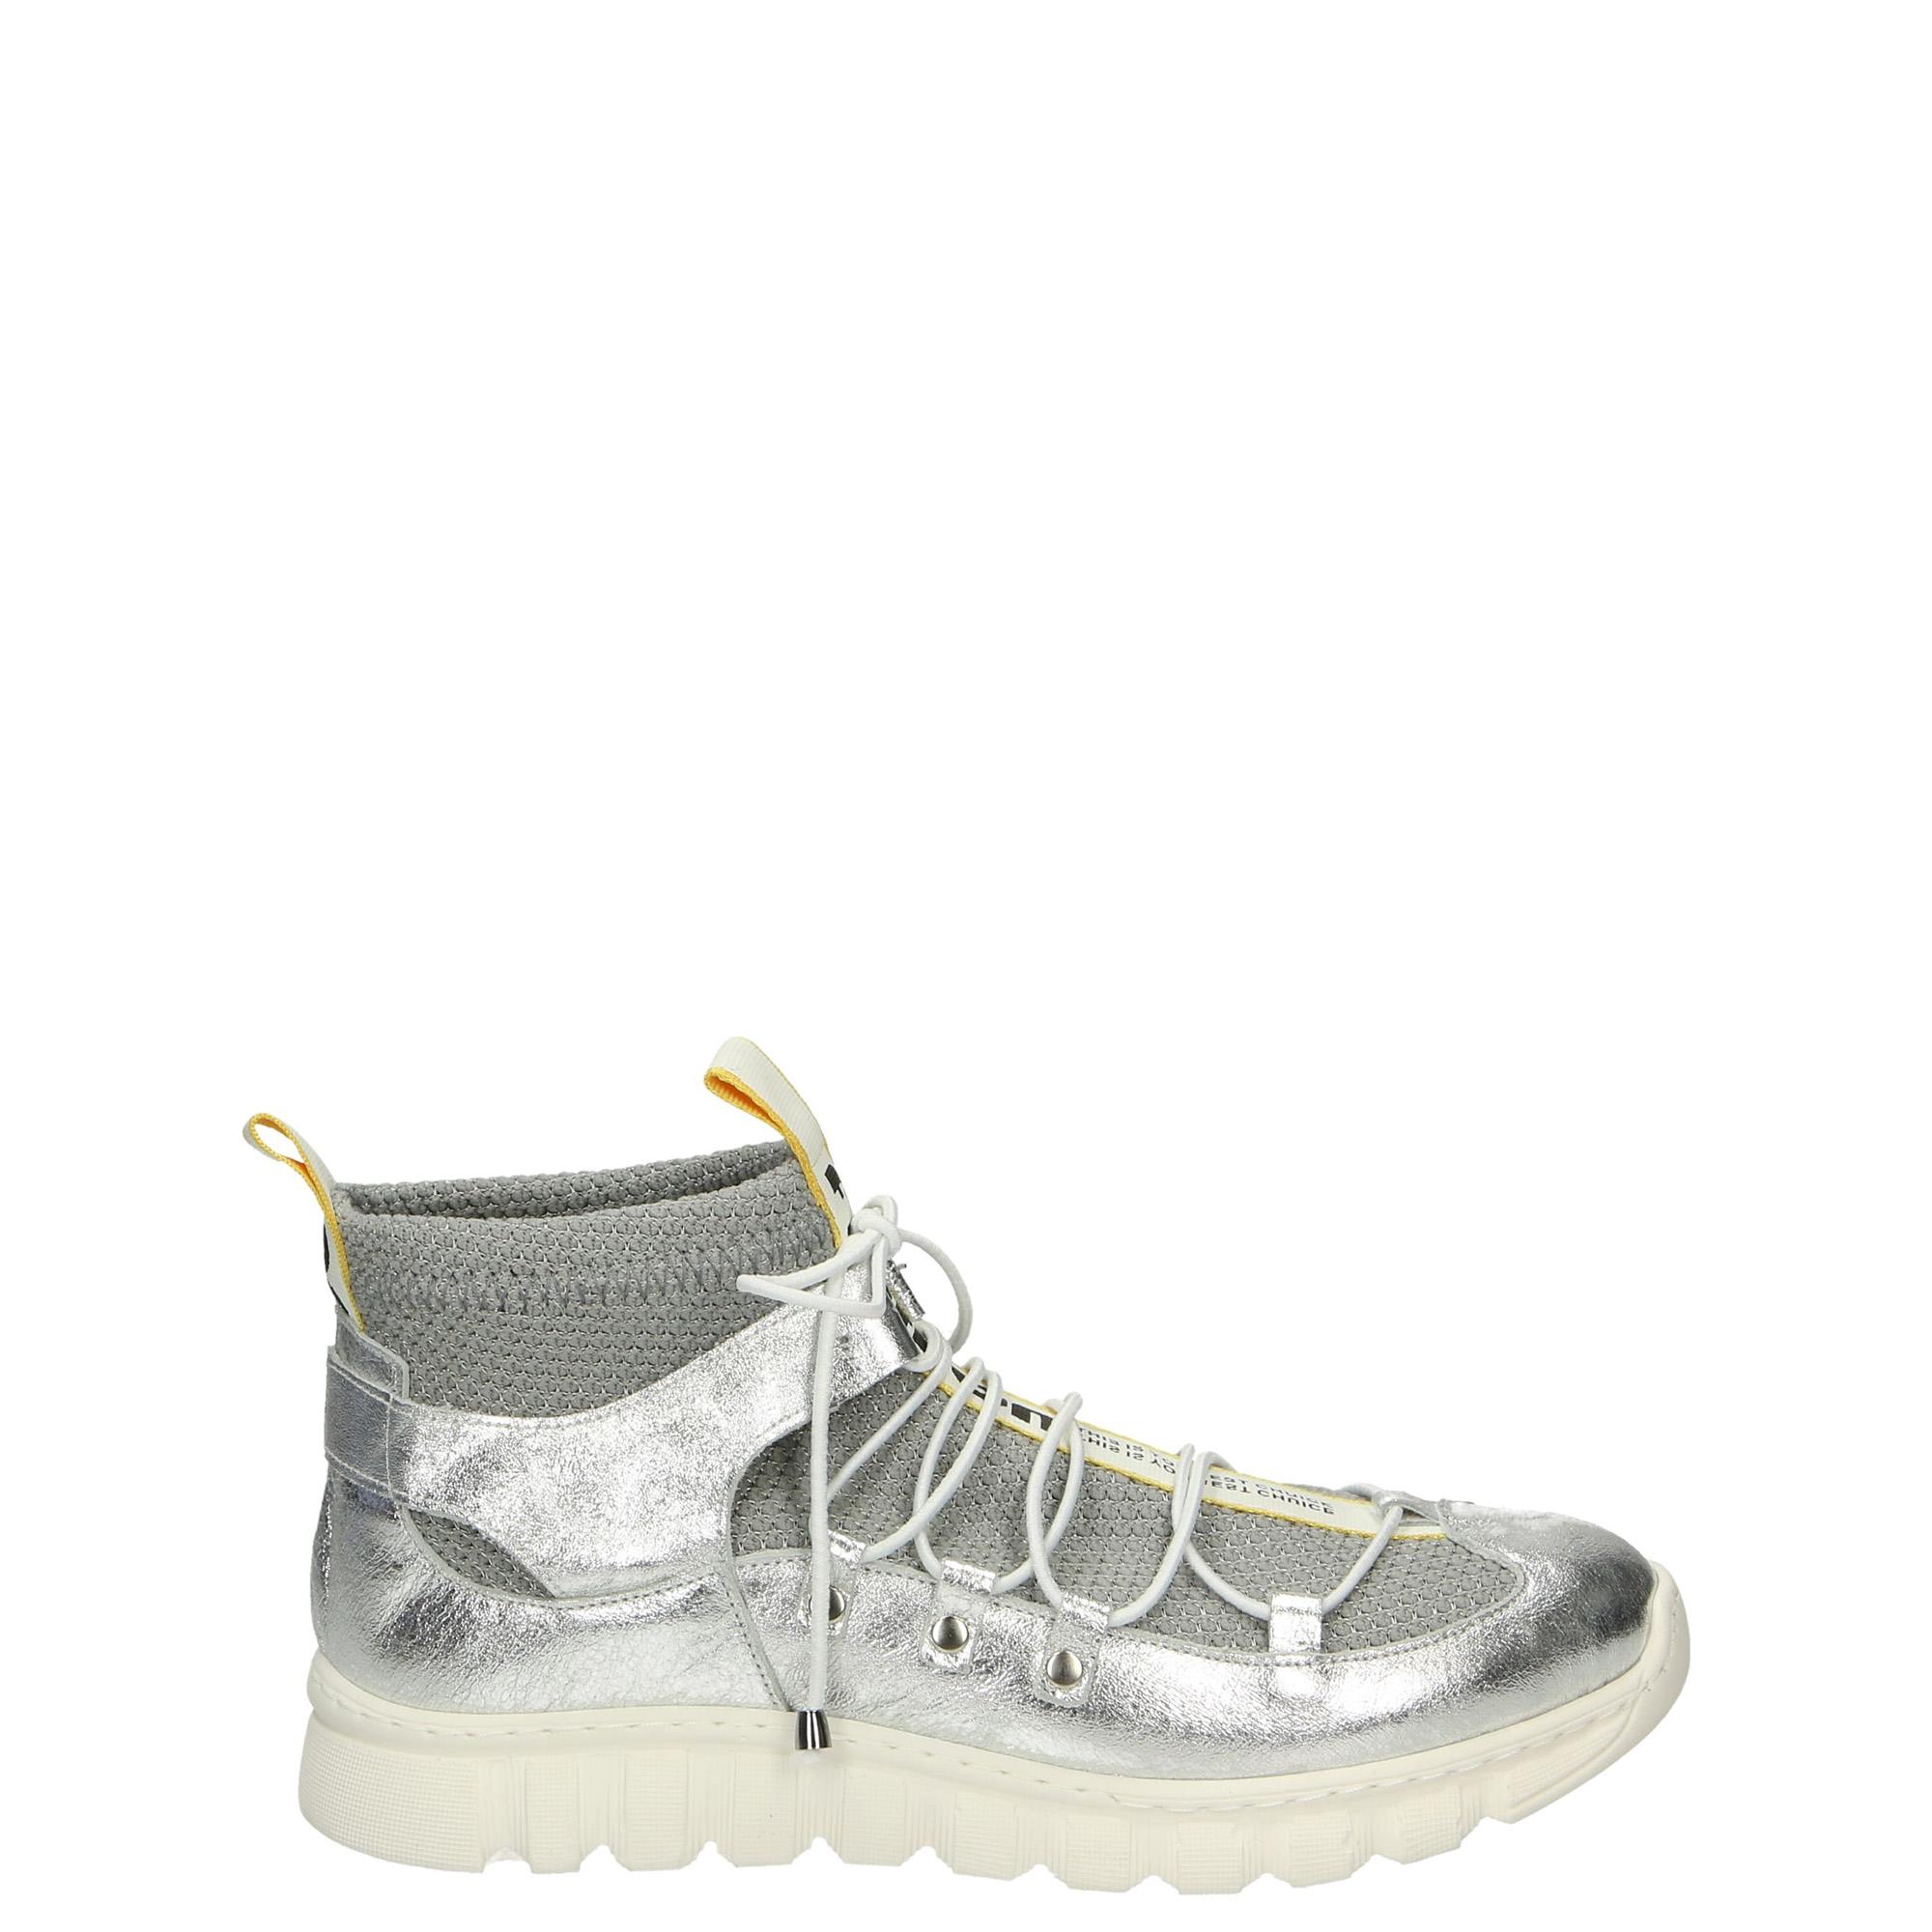 f57fec87 buty venezia lekkie sportowe obuwie z cholewką - 022652400 sil - venezia